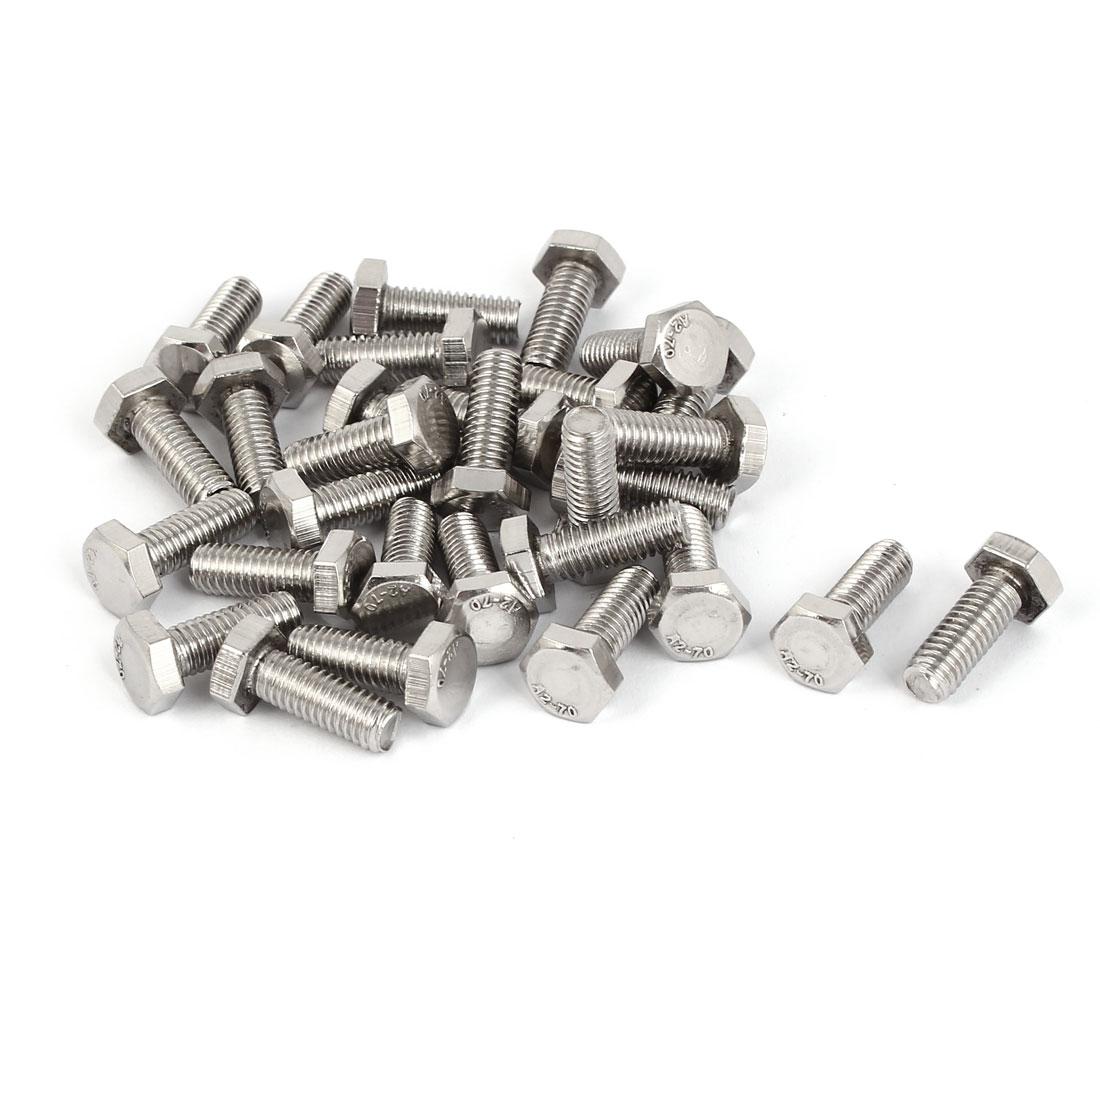 M6 x 16mm x 1mm Stainless Steel External Hex Drive Hexagon Screws Bolts 30PCS